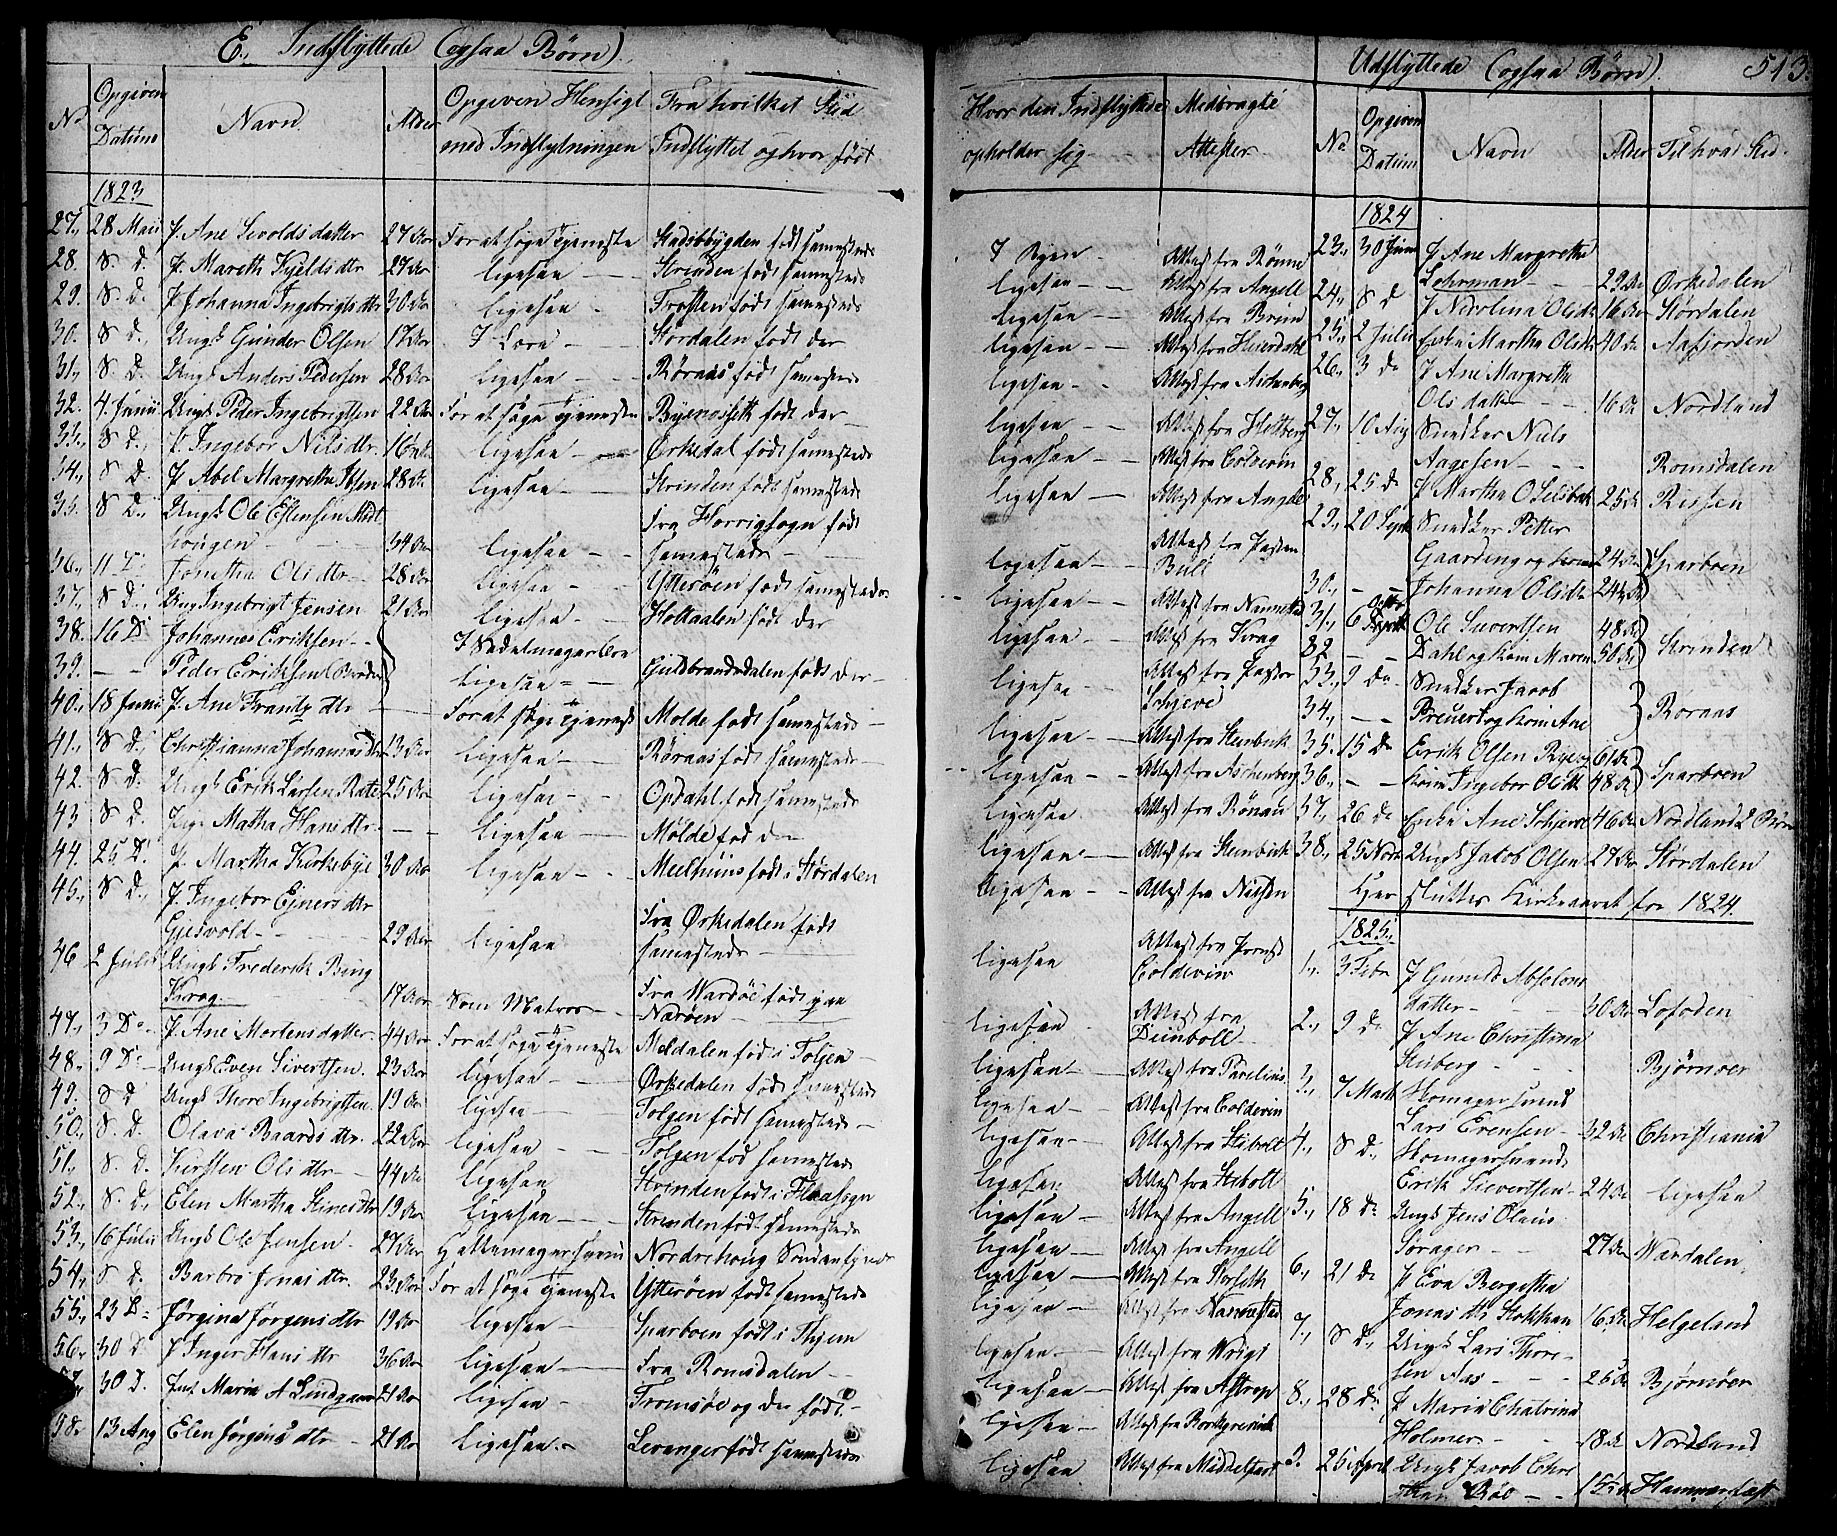 SAT, Ministerialprotokoller, klokkerbøker og fødselsregistre - Sør-Trøndelag, 601/L0045: Ministerialbok nr. 601A13, 1821-1831, s. 513